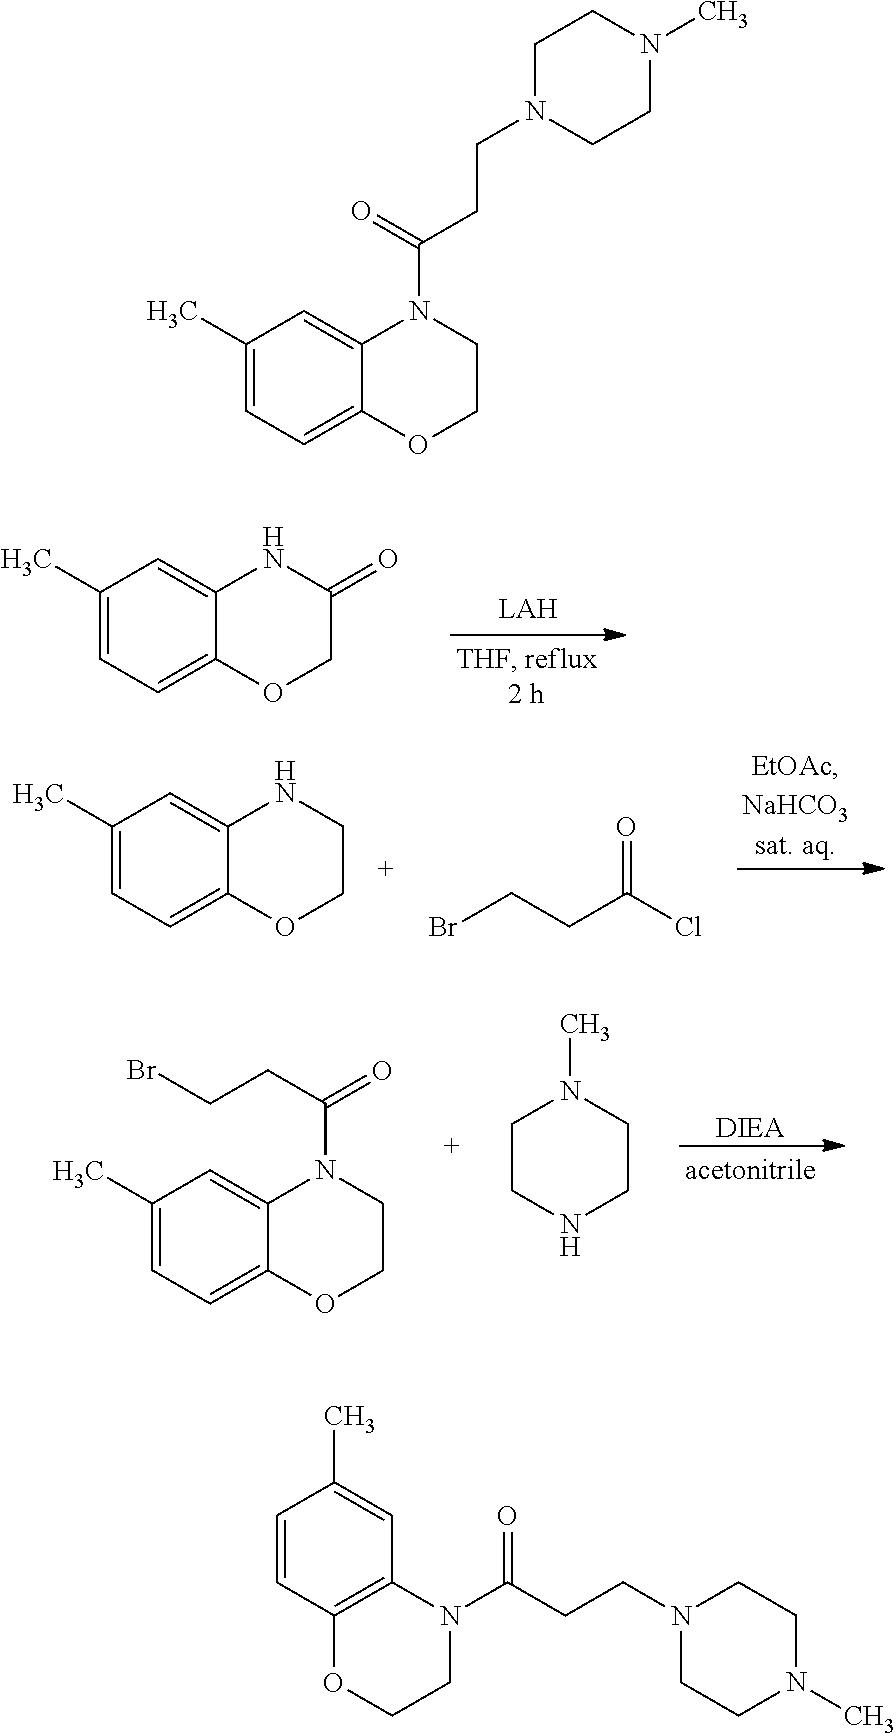 Figure US20190106394A1-20190411-C00107